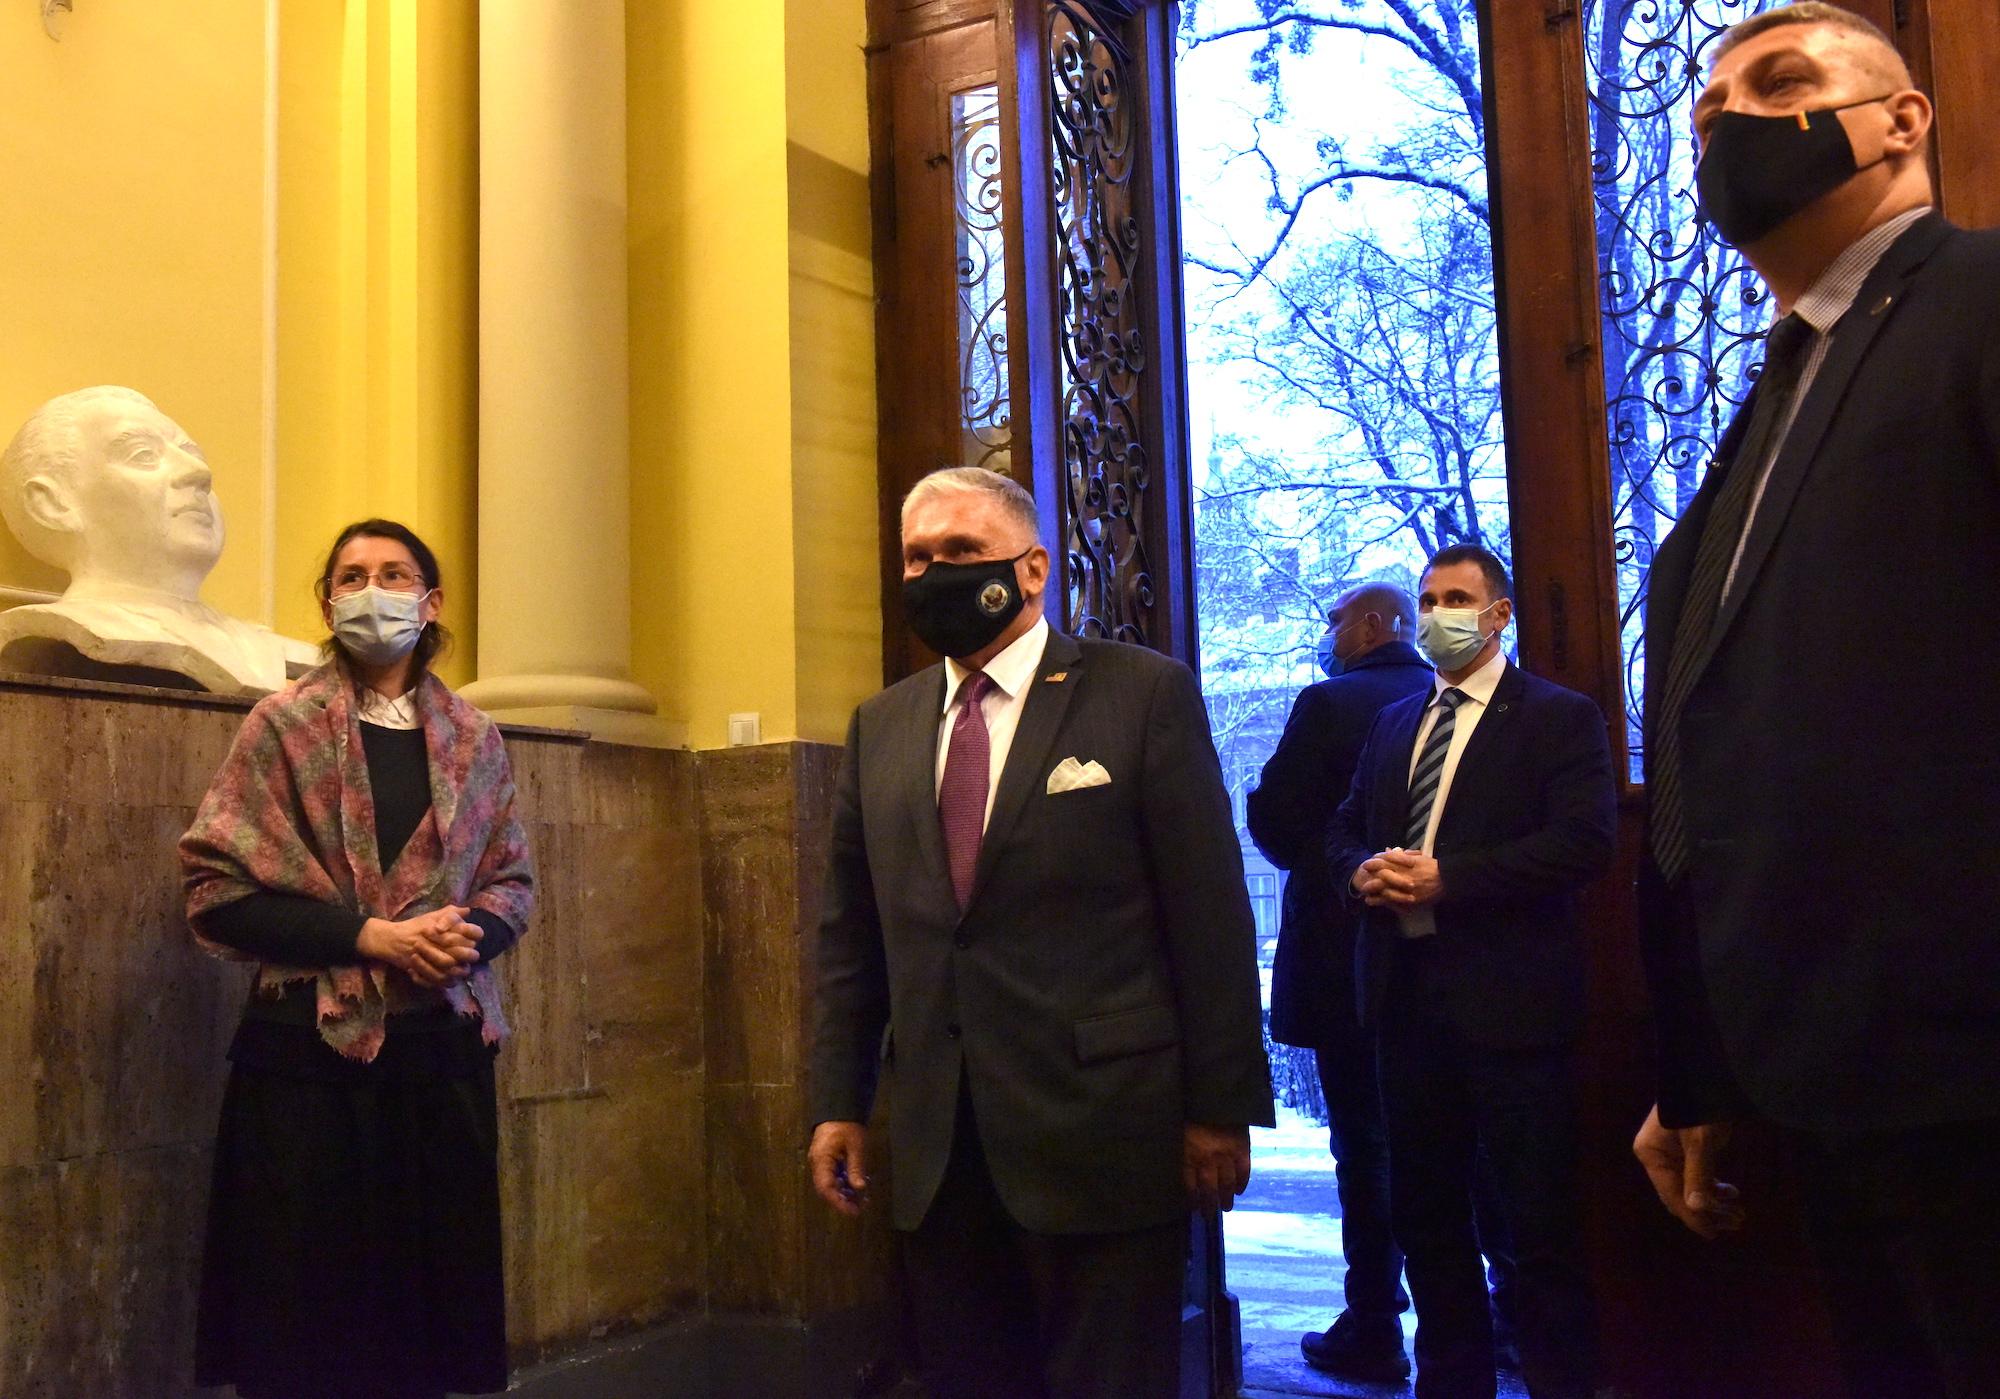 Ambasadorul Americii a întârziat la întâlnirea cu președinta CJ Sibiu. Daniela Cîmpean nu l-a mai așteptat